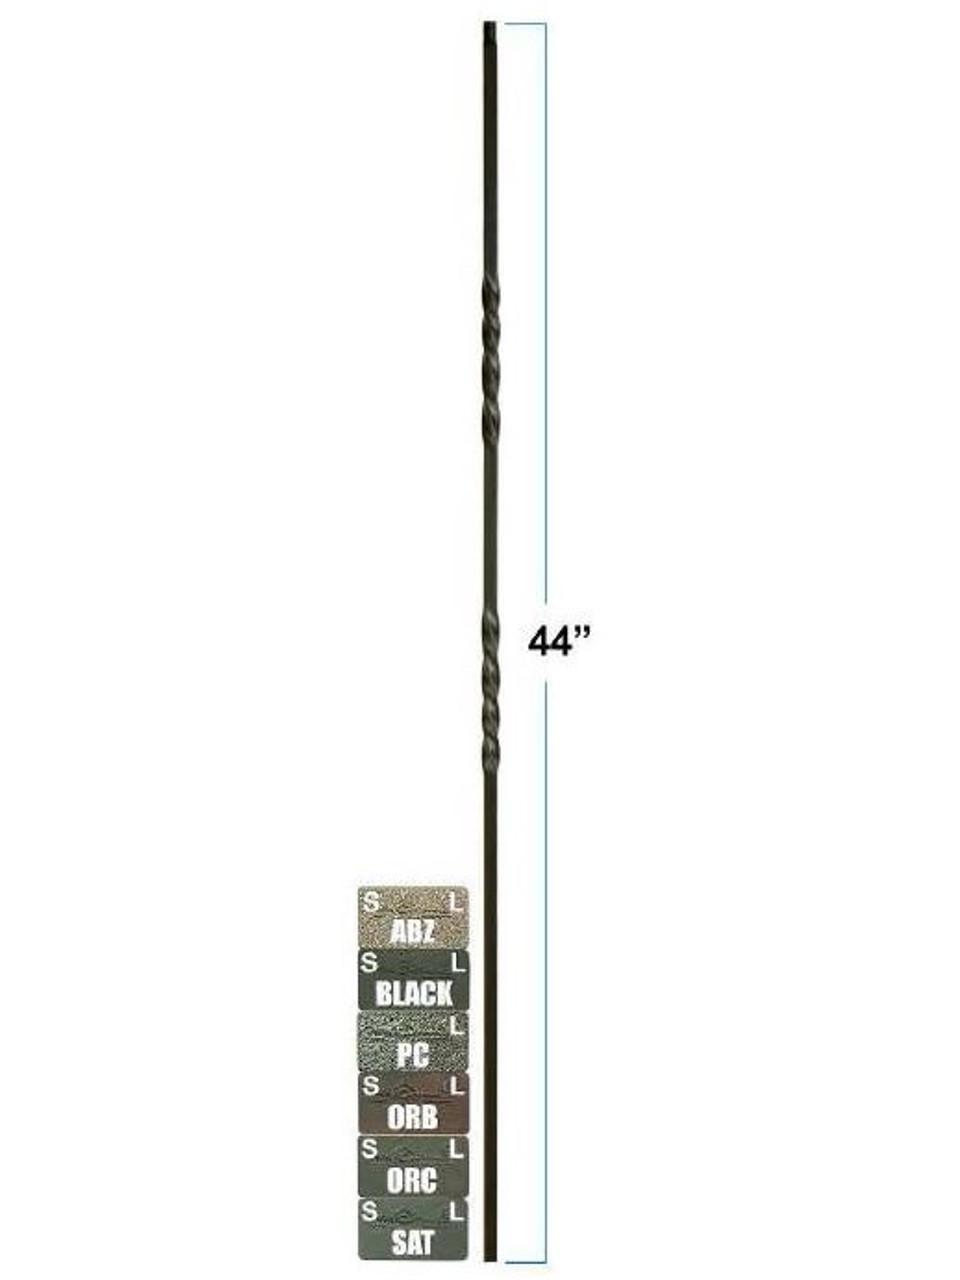 2551-LT Lite Double Twist Balusters